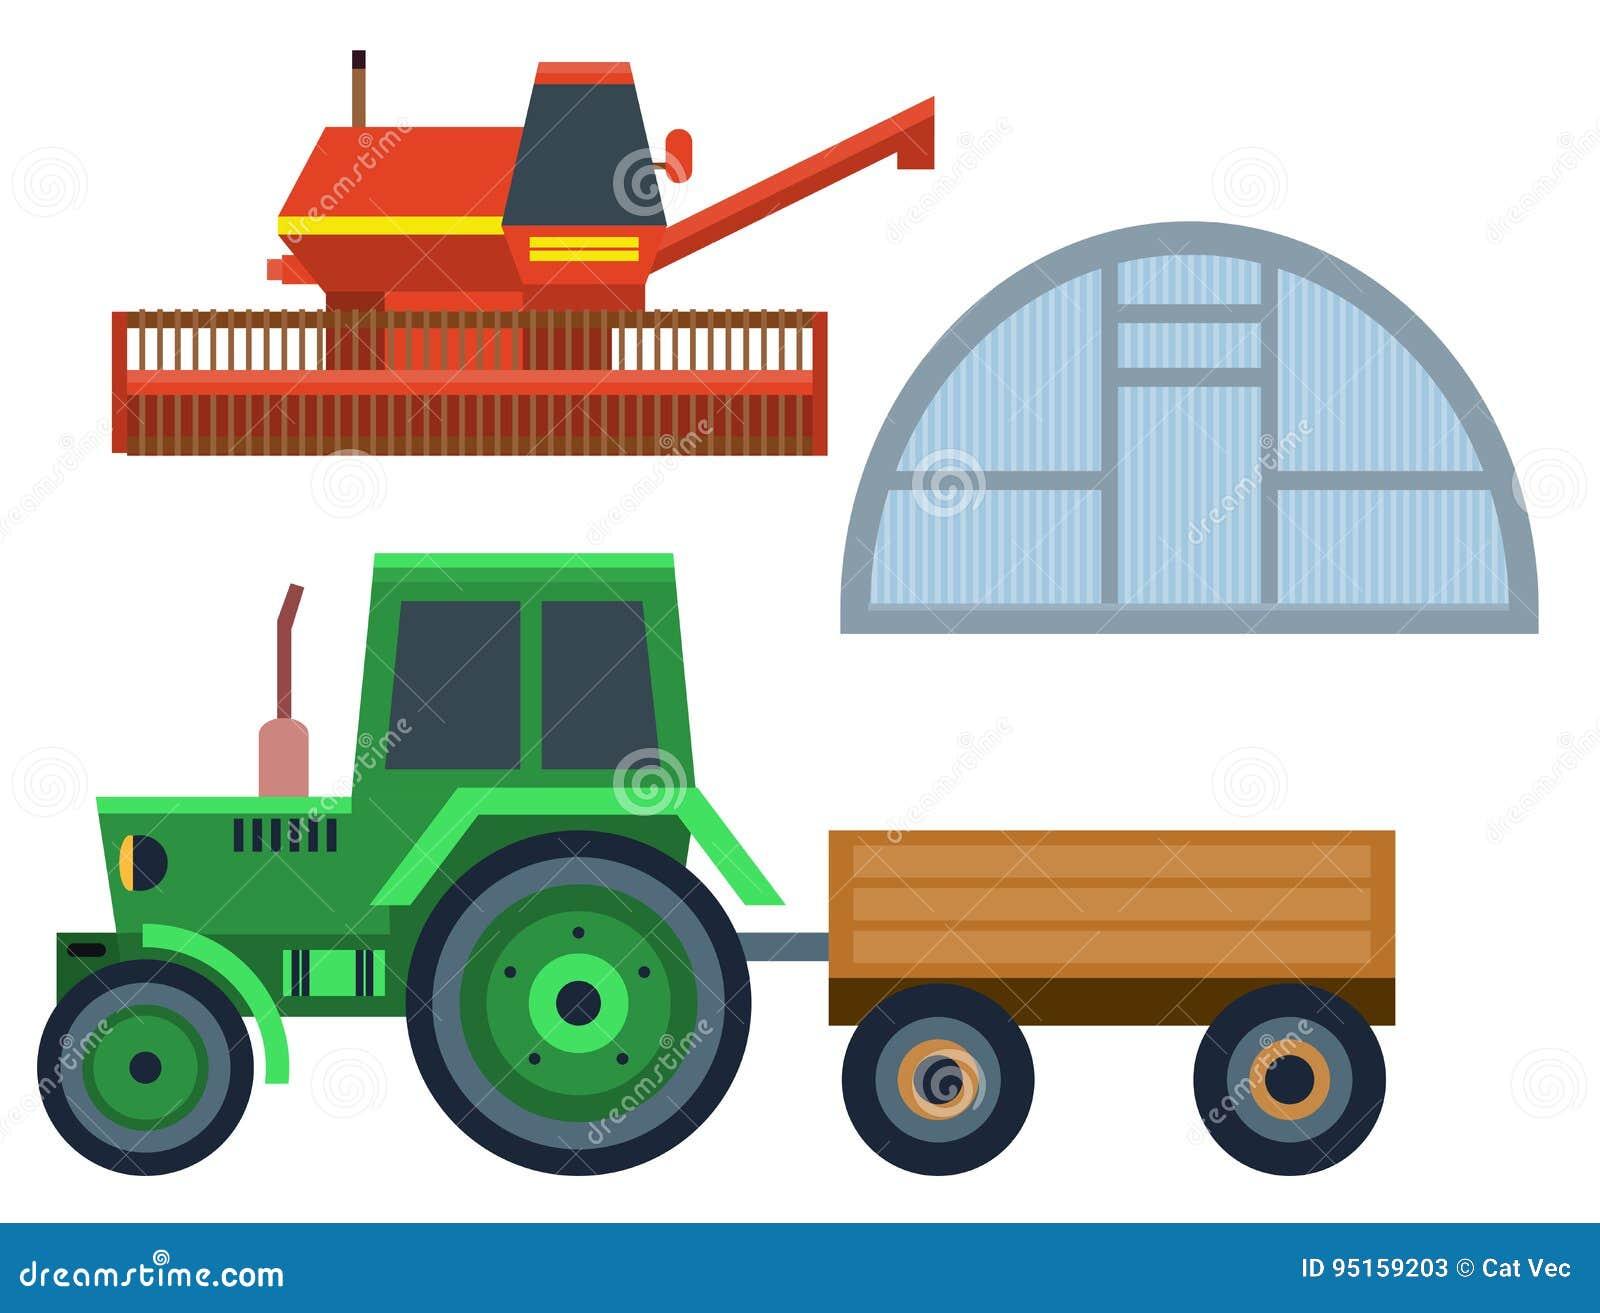 Tractor Cartoon Picker : Harvester cartoons illustrations vector stock images